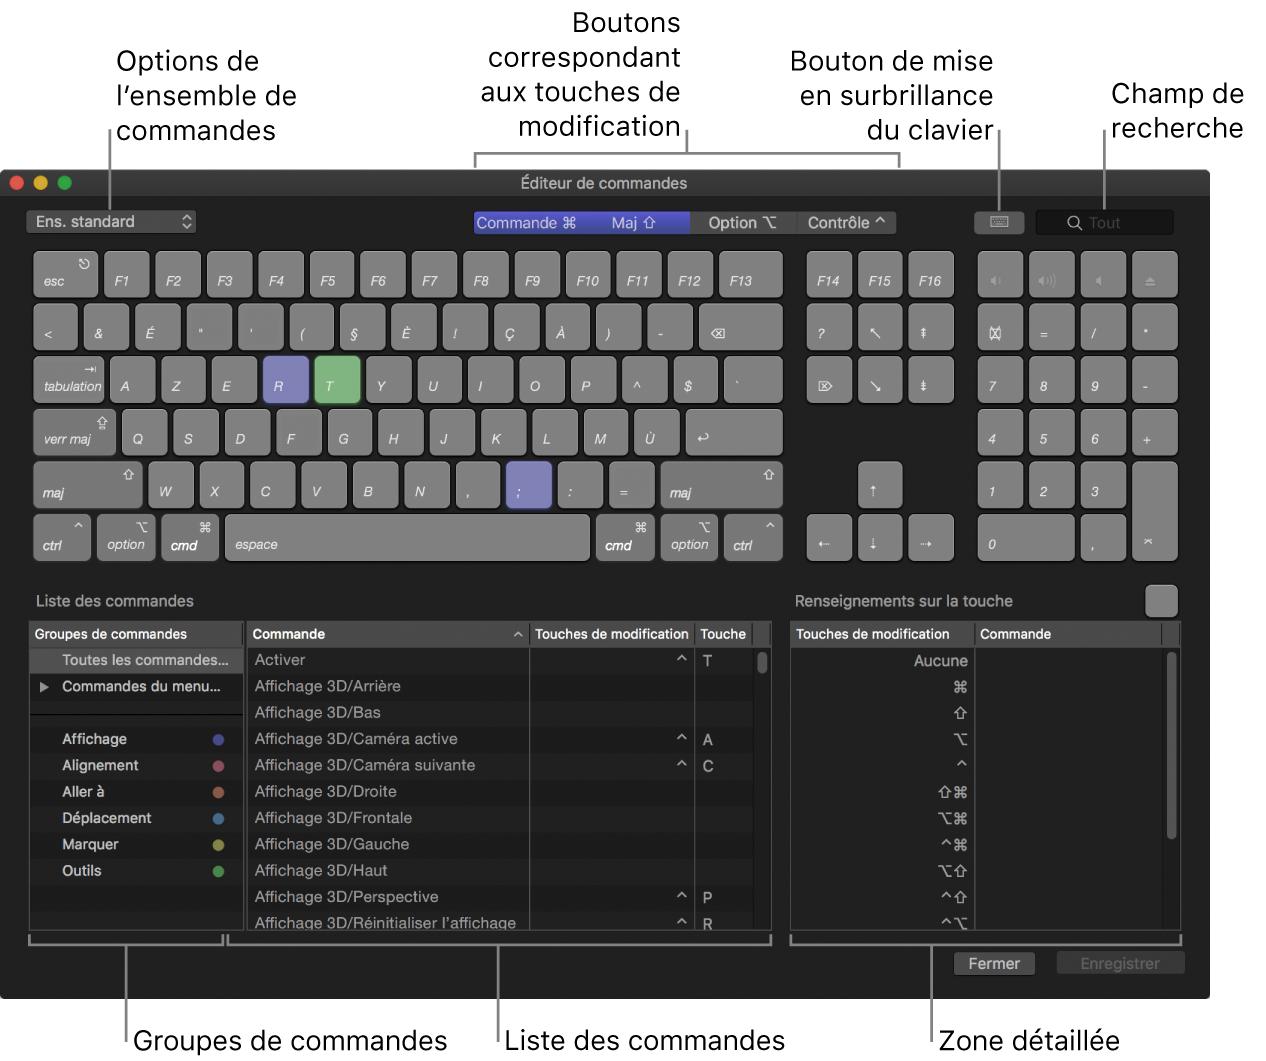 Éditeur de commandes affichant les options d'ensemble de commandes, les boutons de touche de modification, le bouton de mise en surbrillance du clavier, le champ de recherche, les groupes de commandes, la liste des commandes et la zone «Renseignements sur la touche»